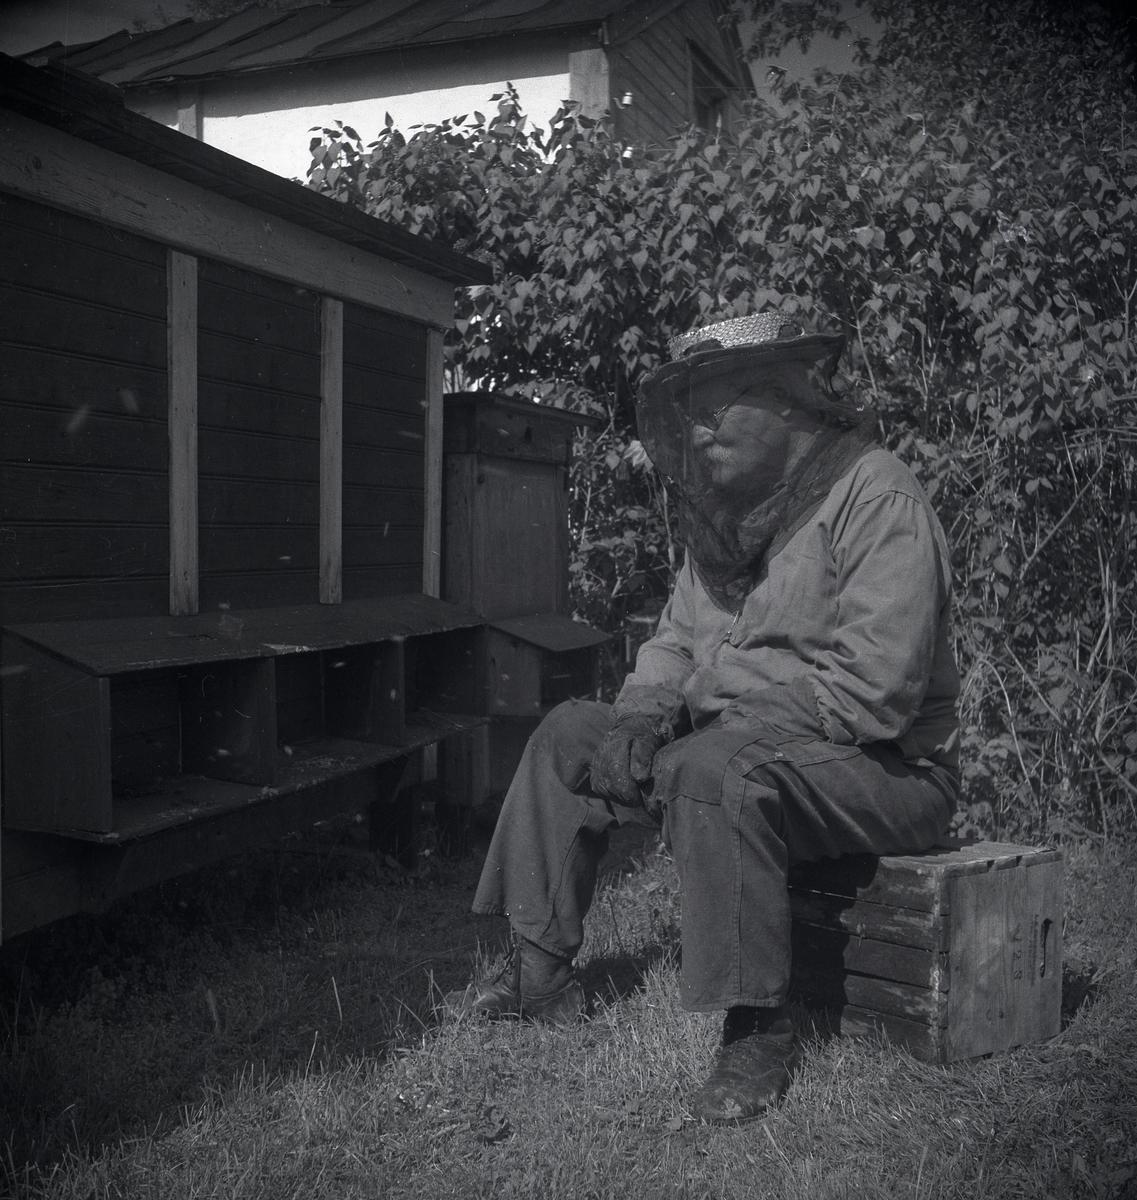 En man sitter på en låda framför en lång bikupa iförd skyddshatt med nät och handskar. Mickelsson har tagit fotot för exponering i en tidning om biodling 1948.